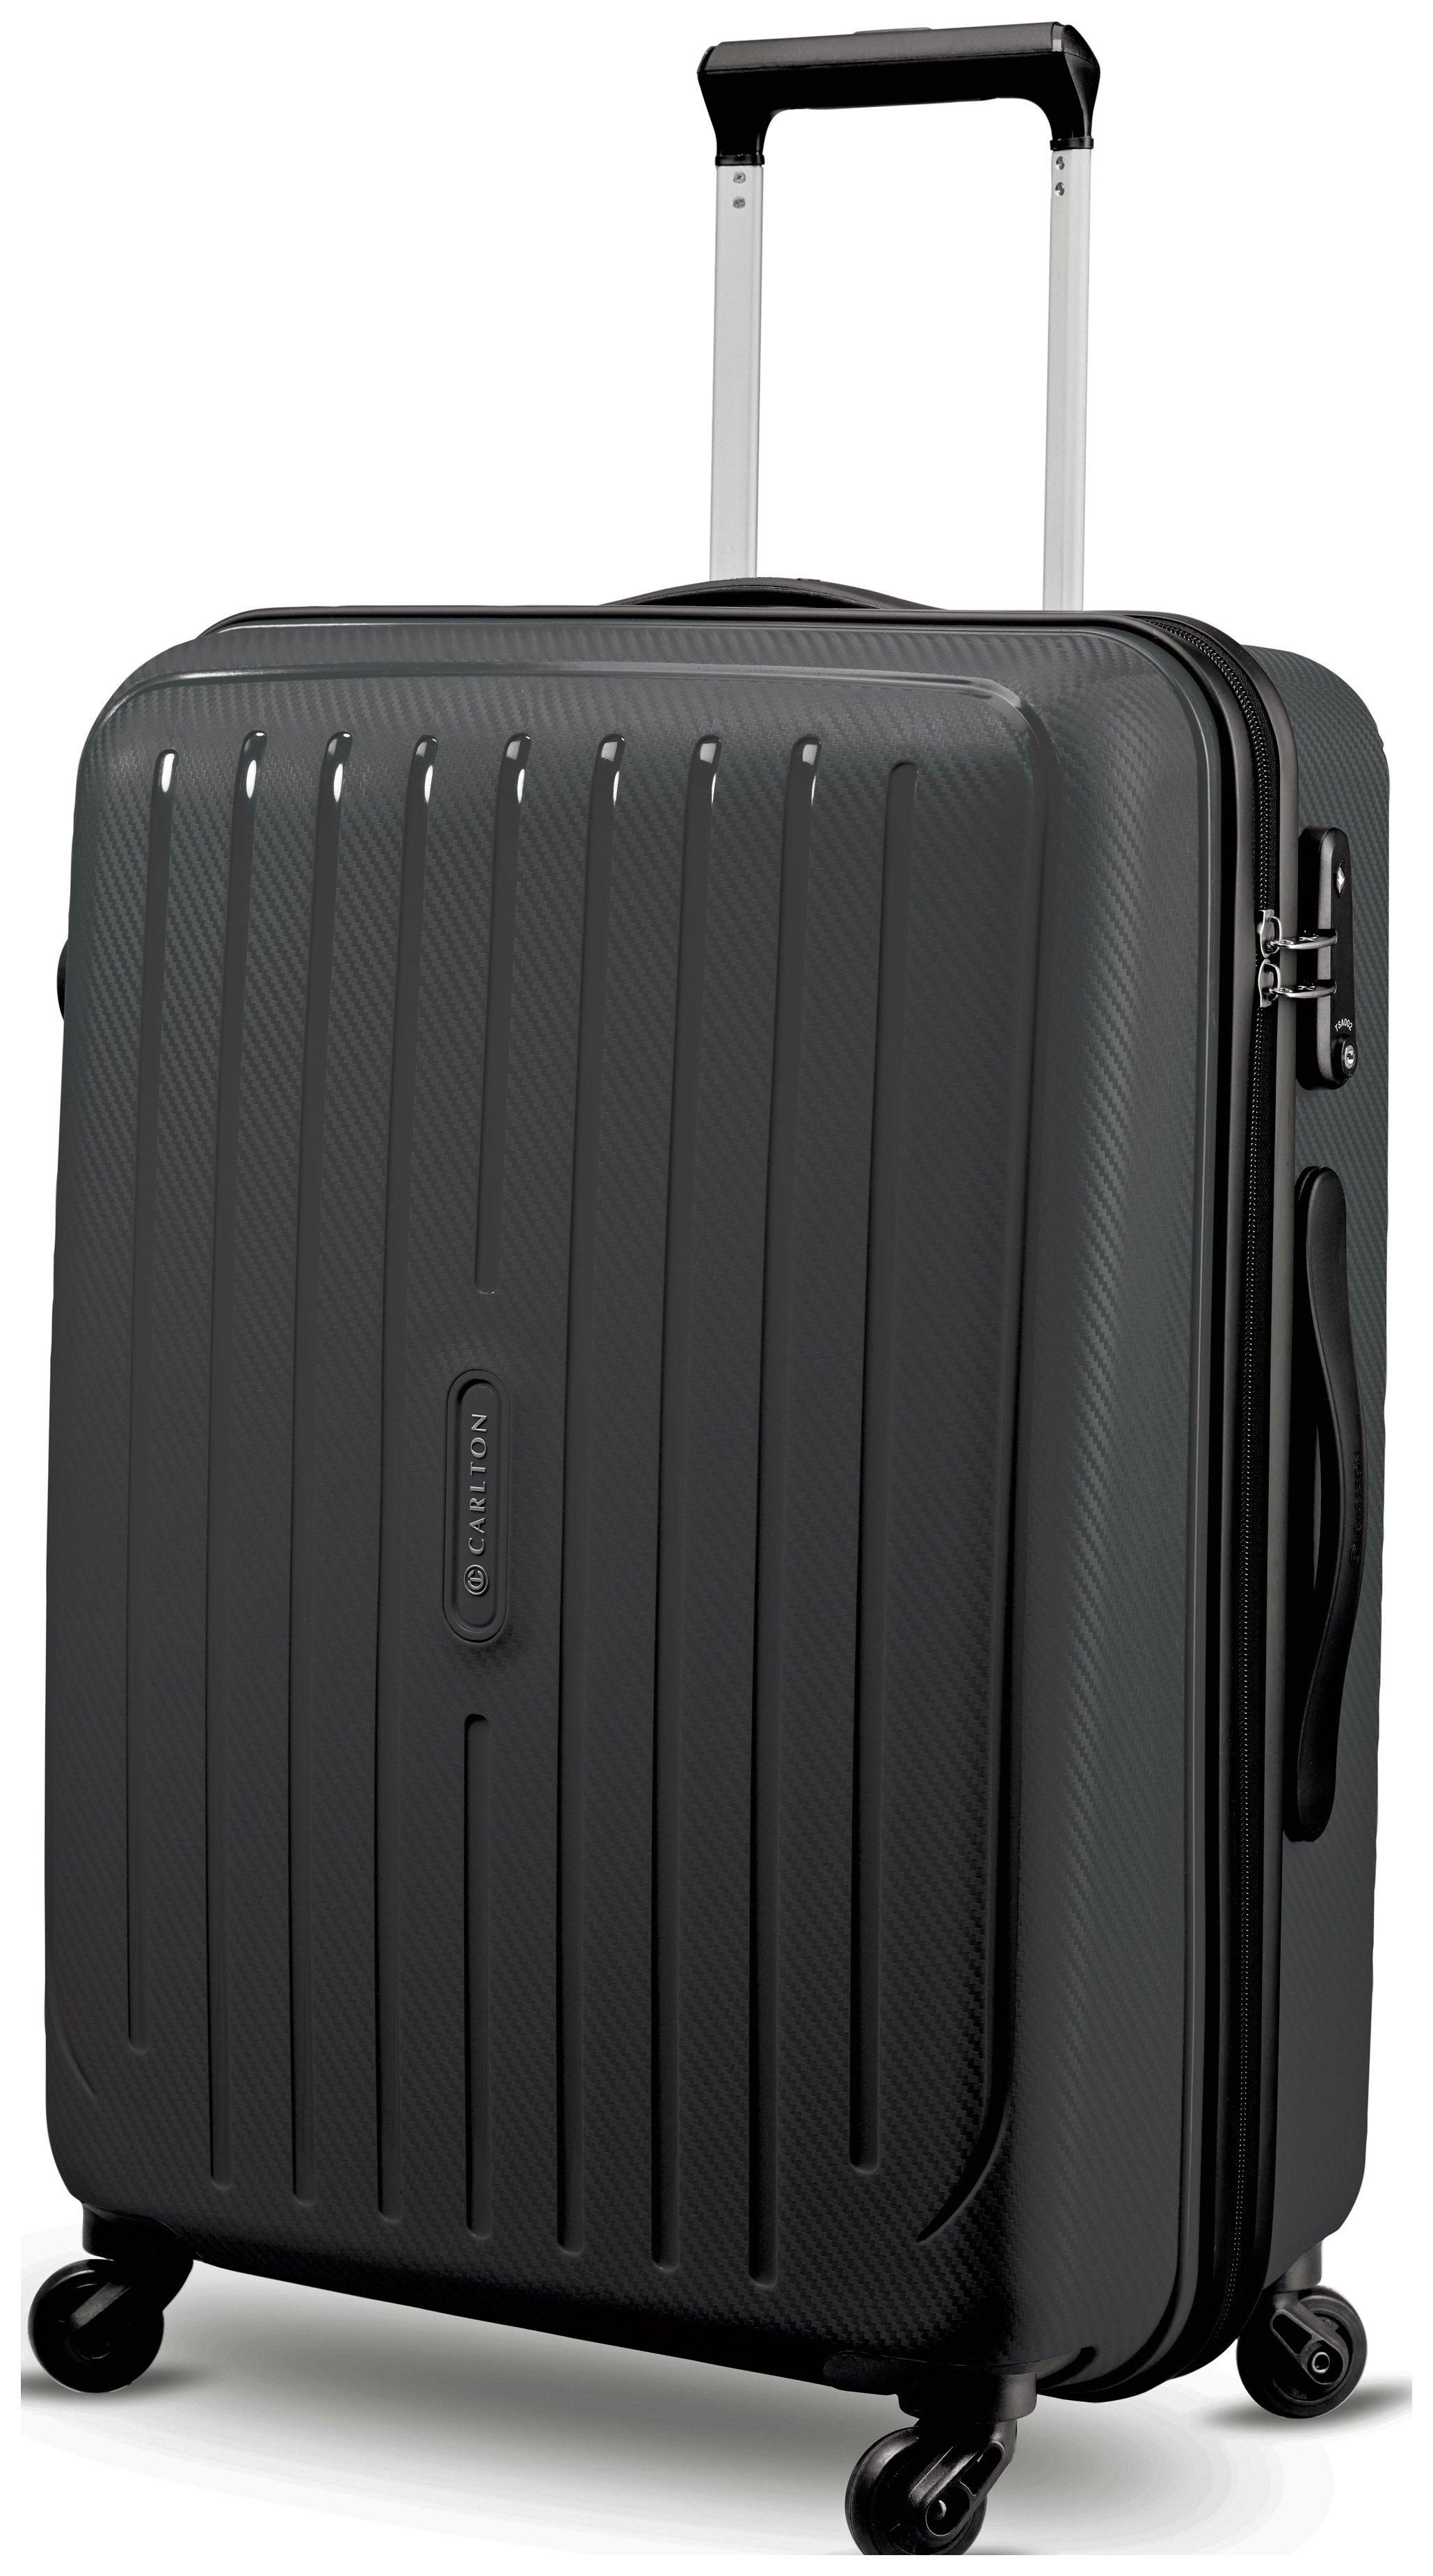 Buy Carlton Pheonix Large 4 Wheel Hard Suitcase - Black at Argos ...